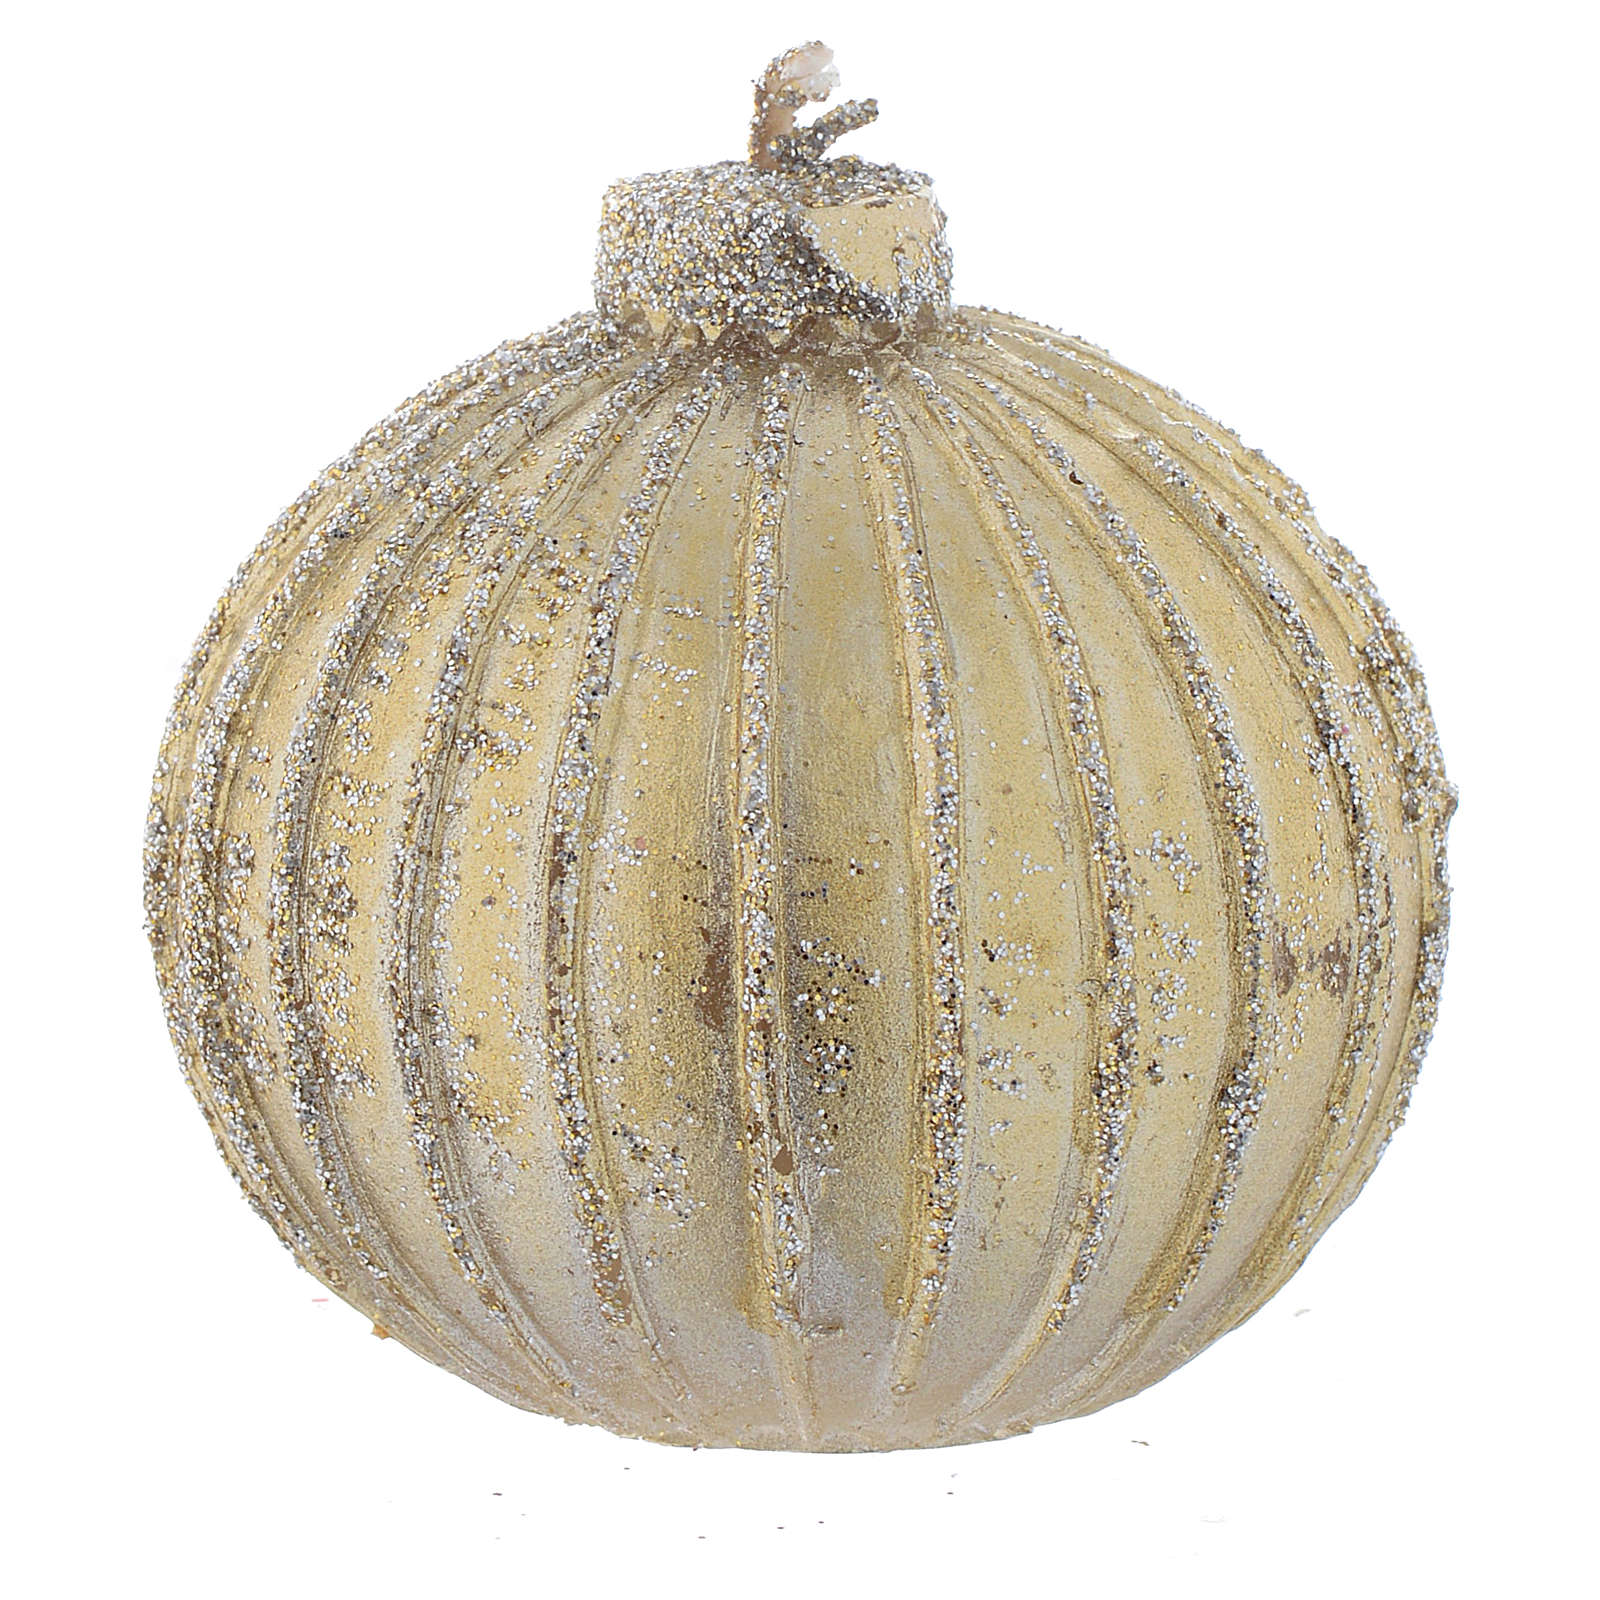 Vela navideña bola árbol de Navidad oro, diámetro 5 cm, juego de 4 piezas 3